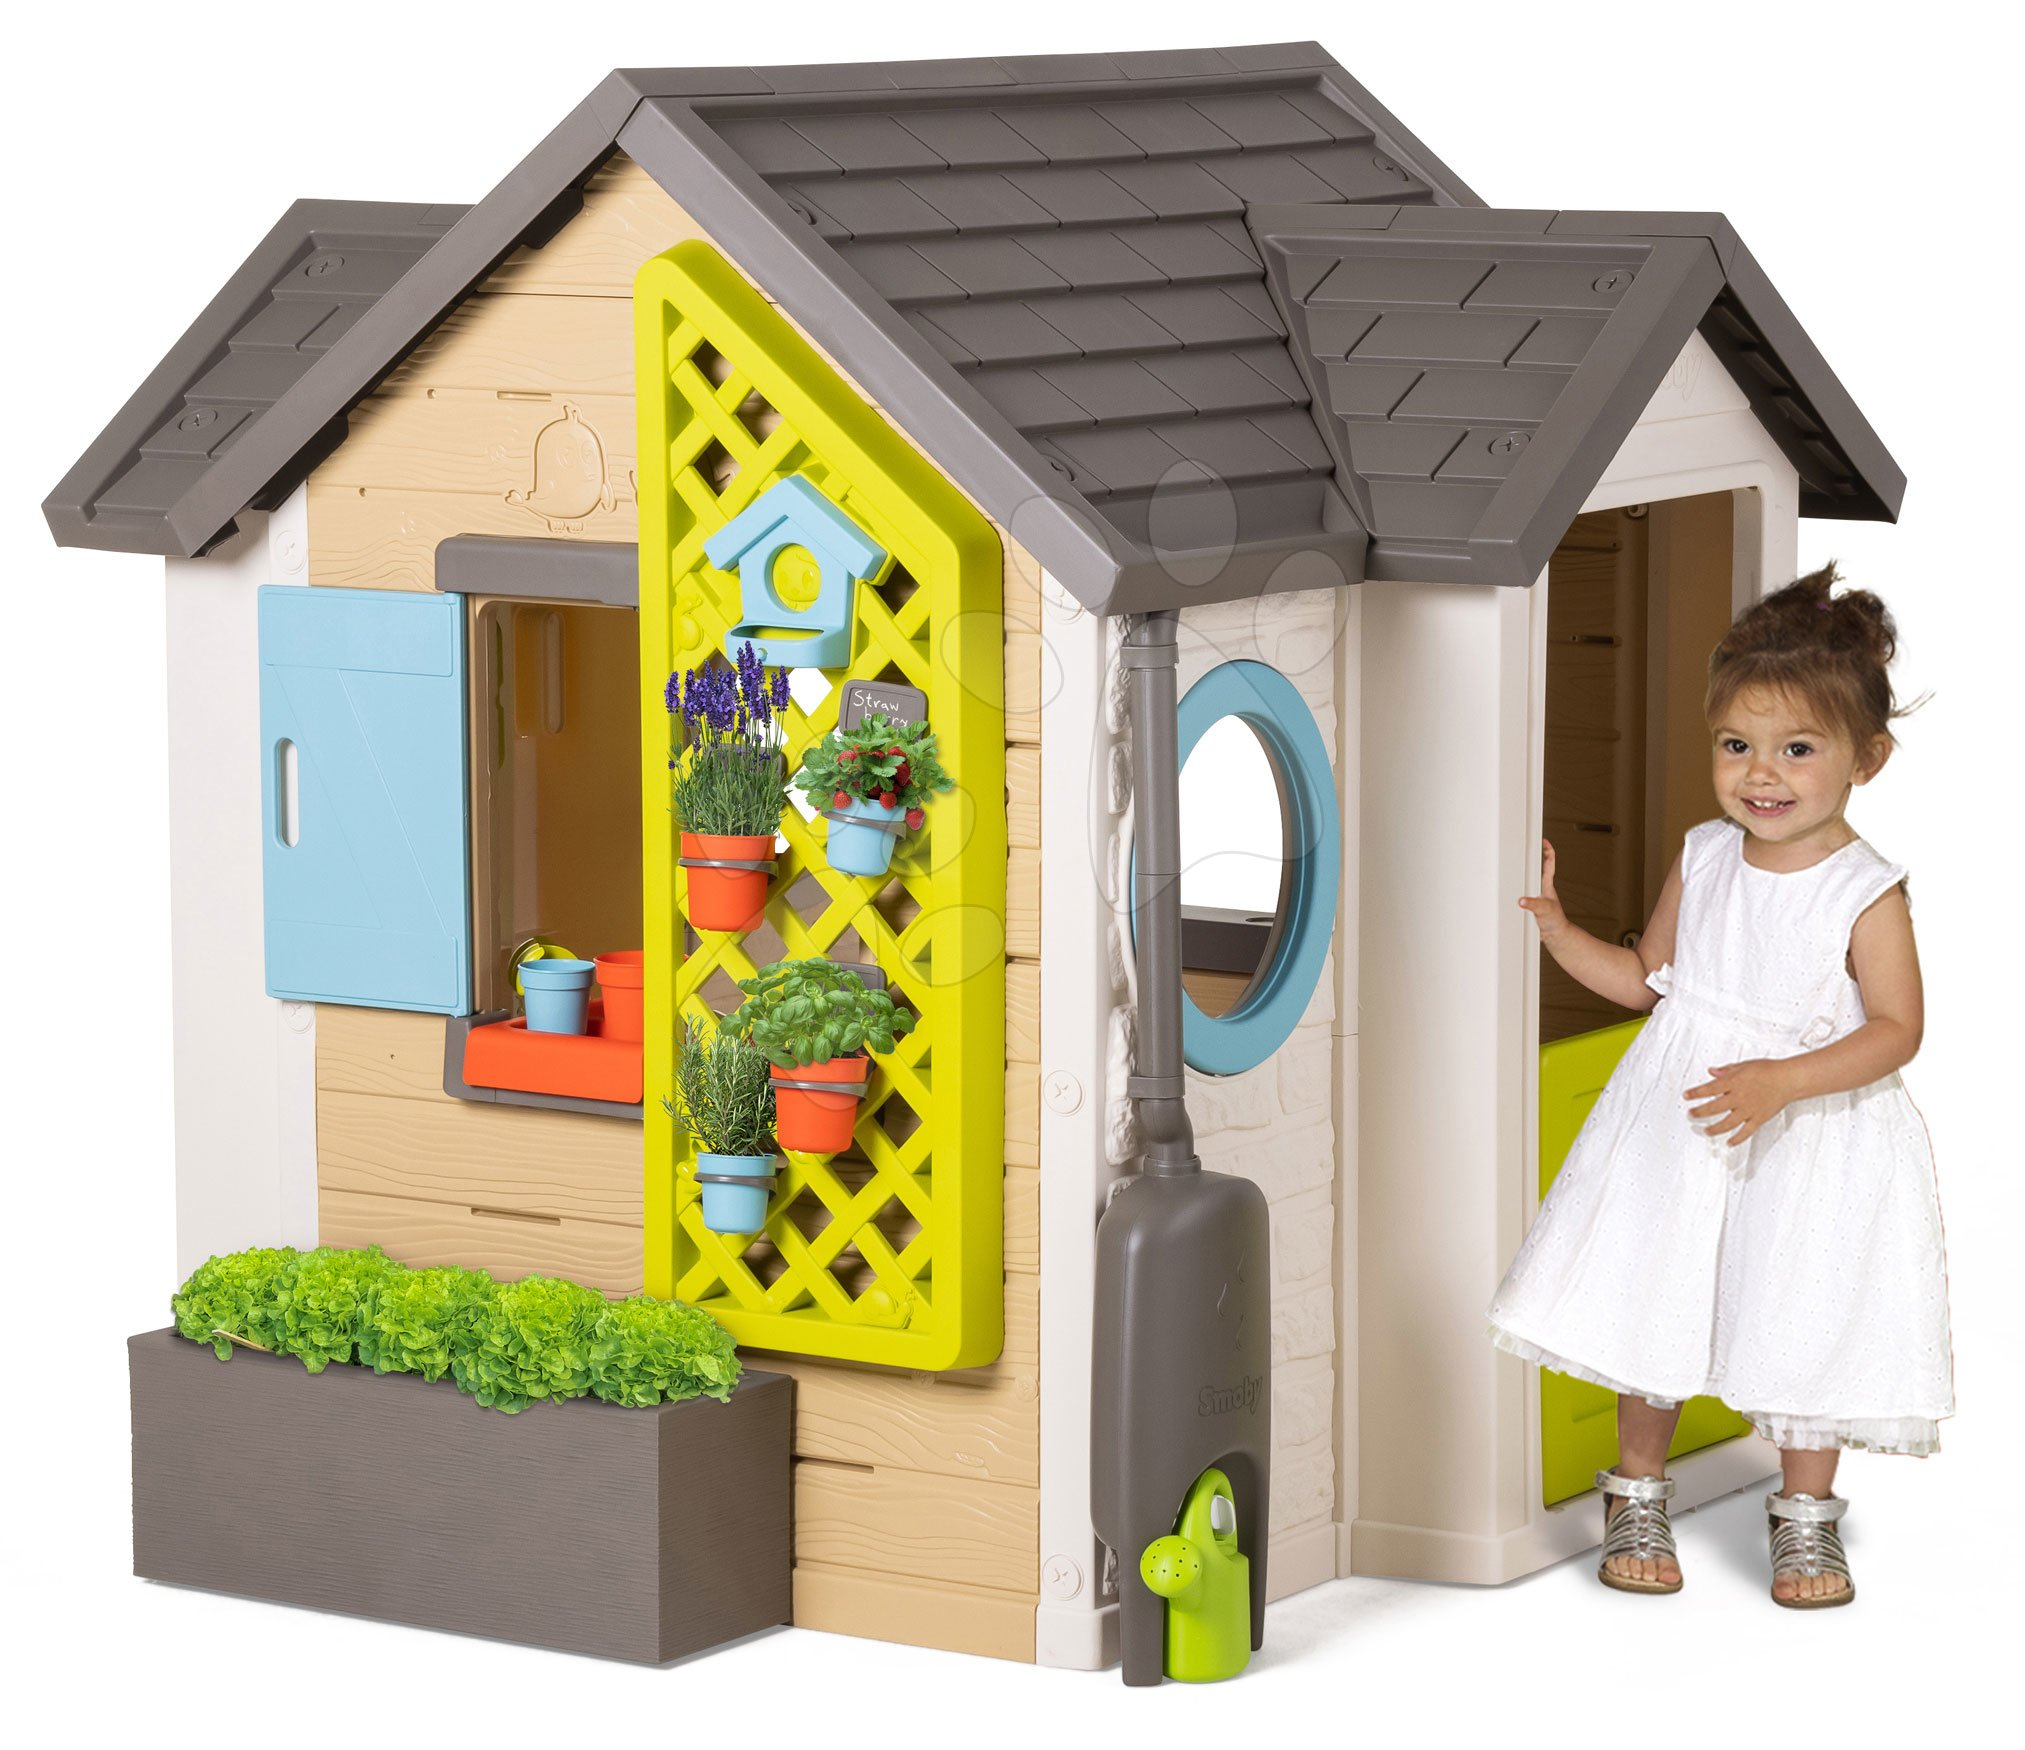 Căsuțe de grădină pentru copii  - Găsuță pentru grădinar Garden House Smoby cu ghivece de flori extensibilă cu burlan, grilaj cu căsuță pentru păsări 135 cm înălțime și filtru anti UV